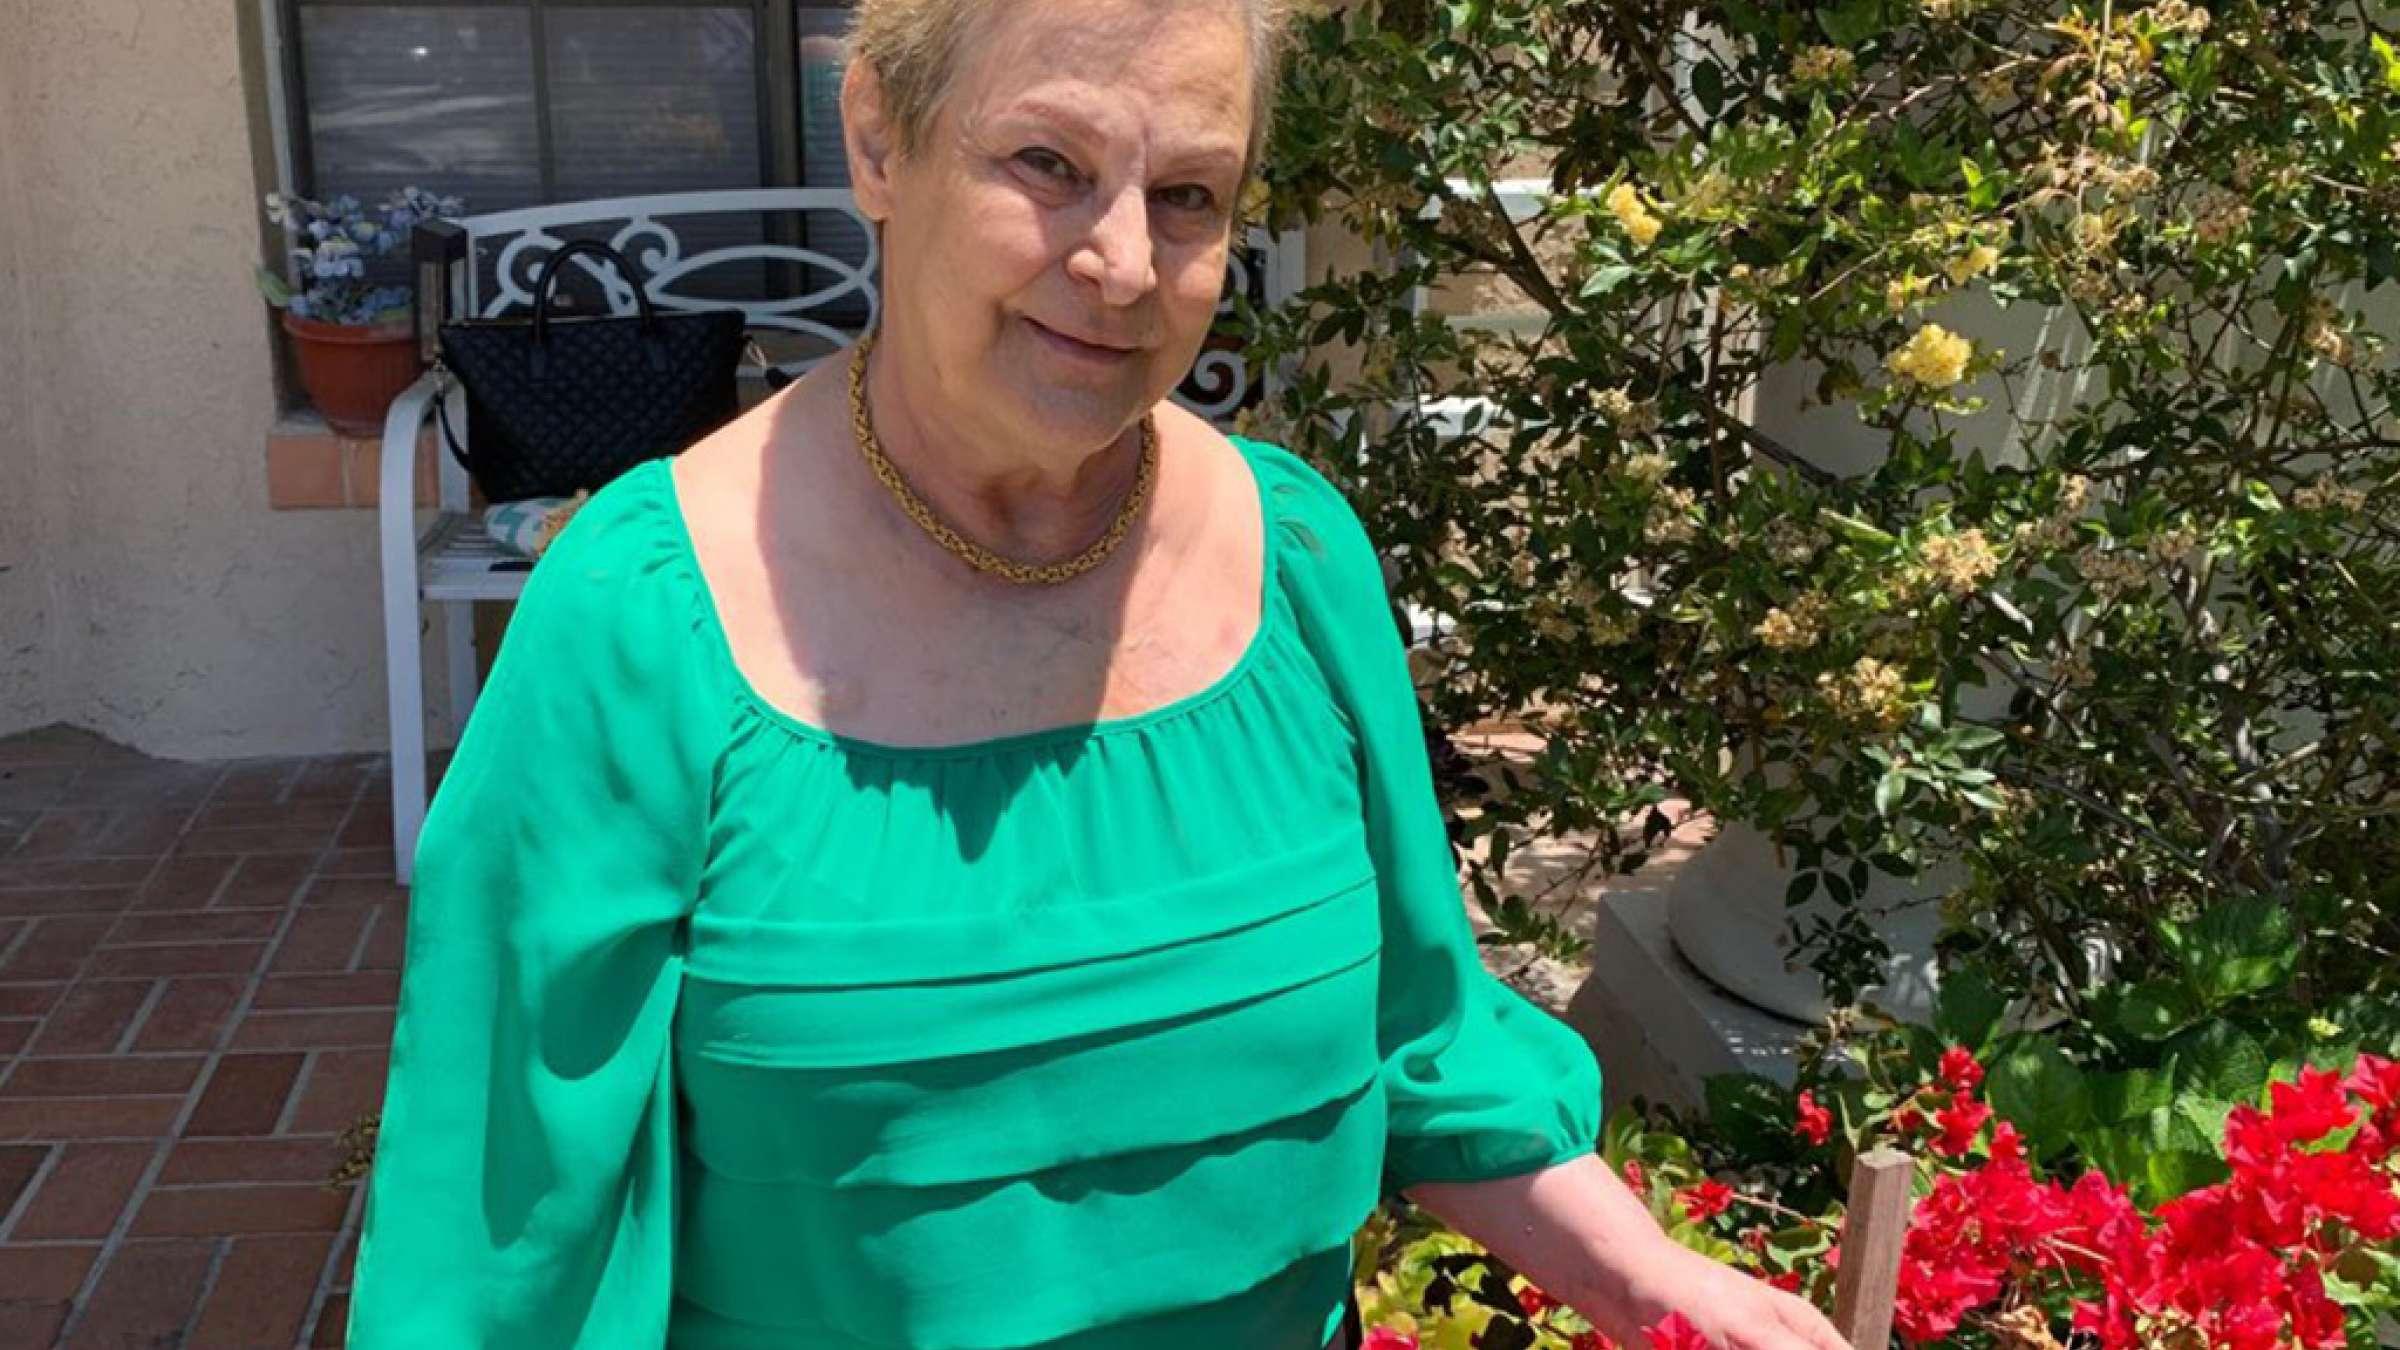 پایان-سرطان-قرار-بود-فقط-6-ماه-زنده-بمانم-ایران-استار-گزارش